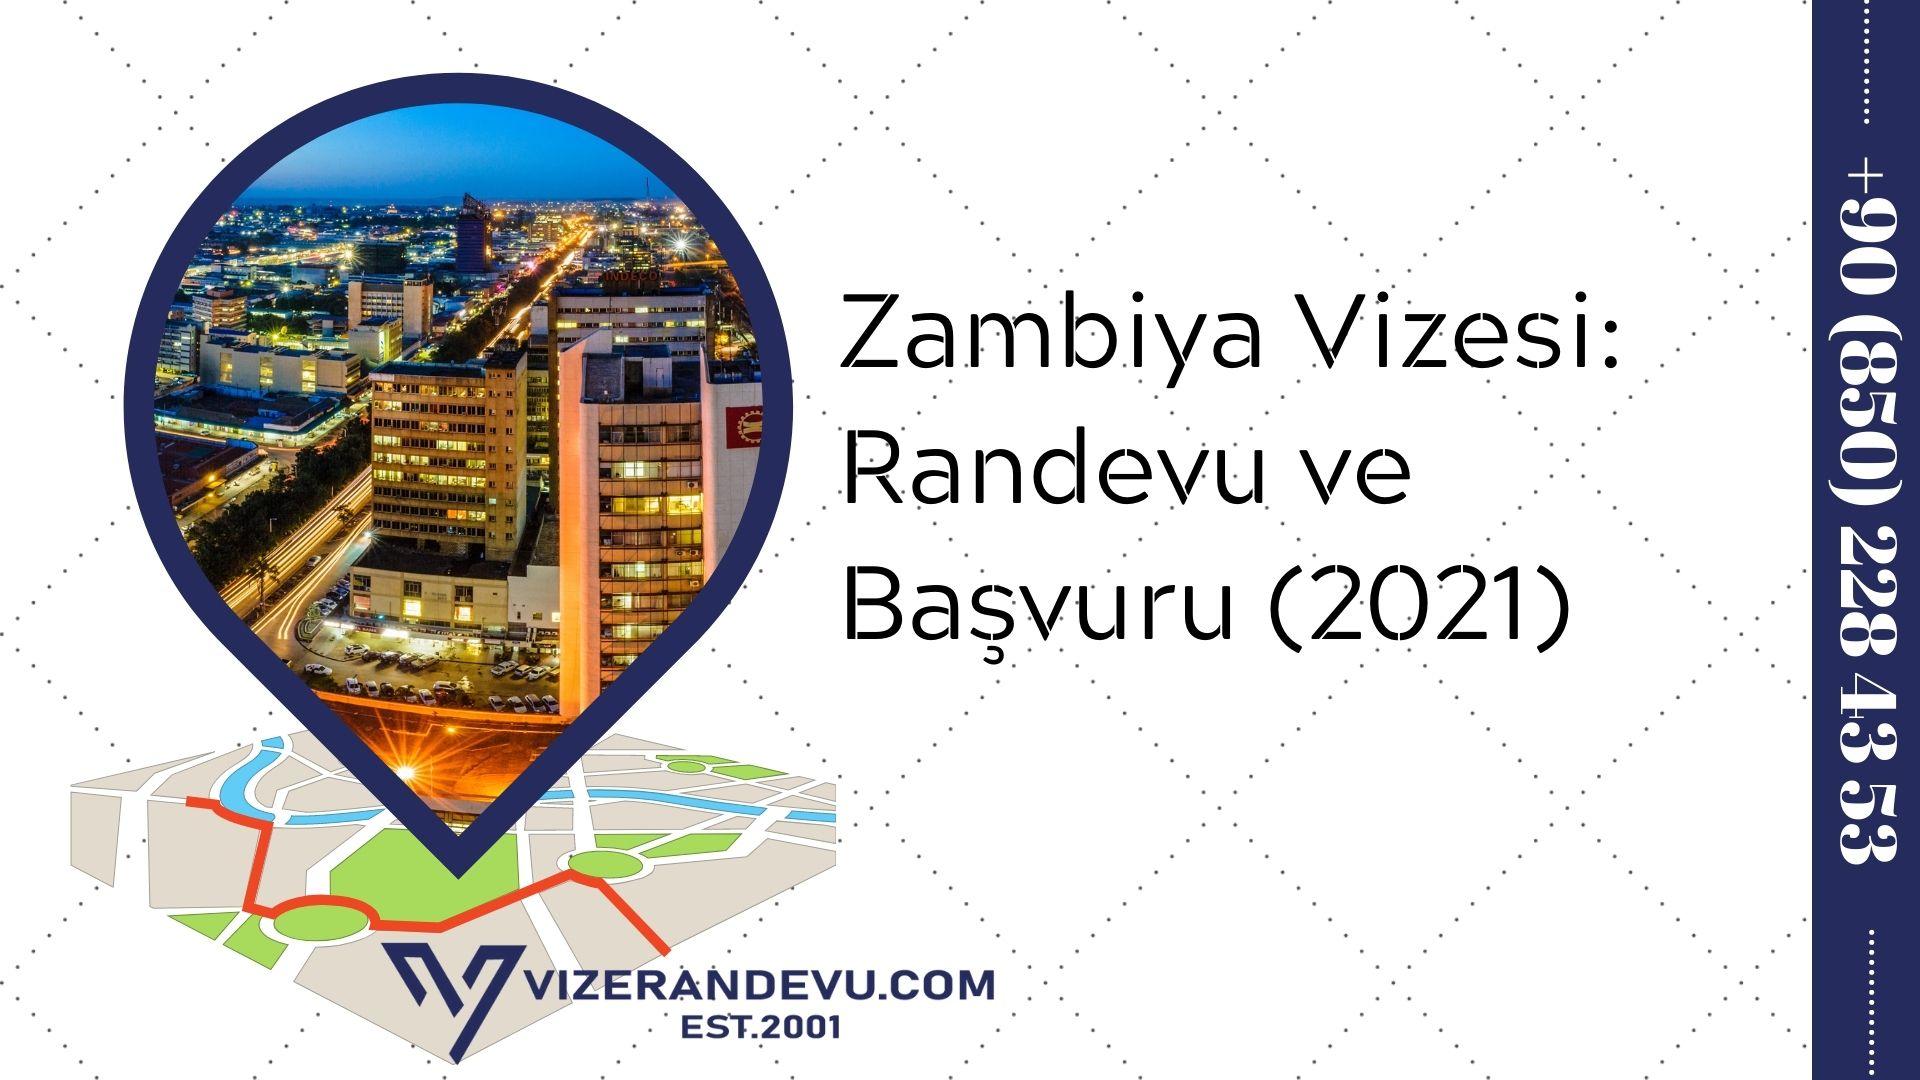 Zambiya Vizesi: Randevu ve Başvuru (2021)